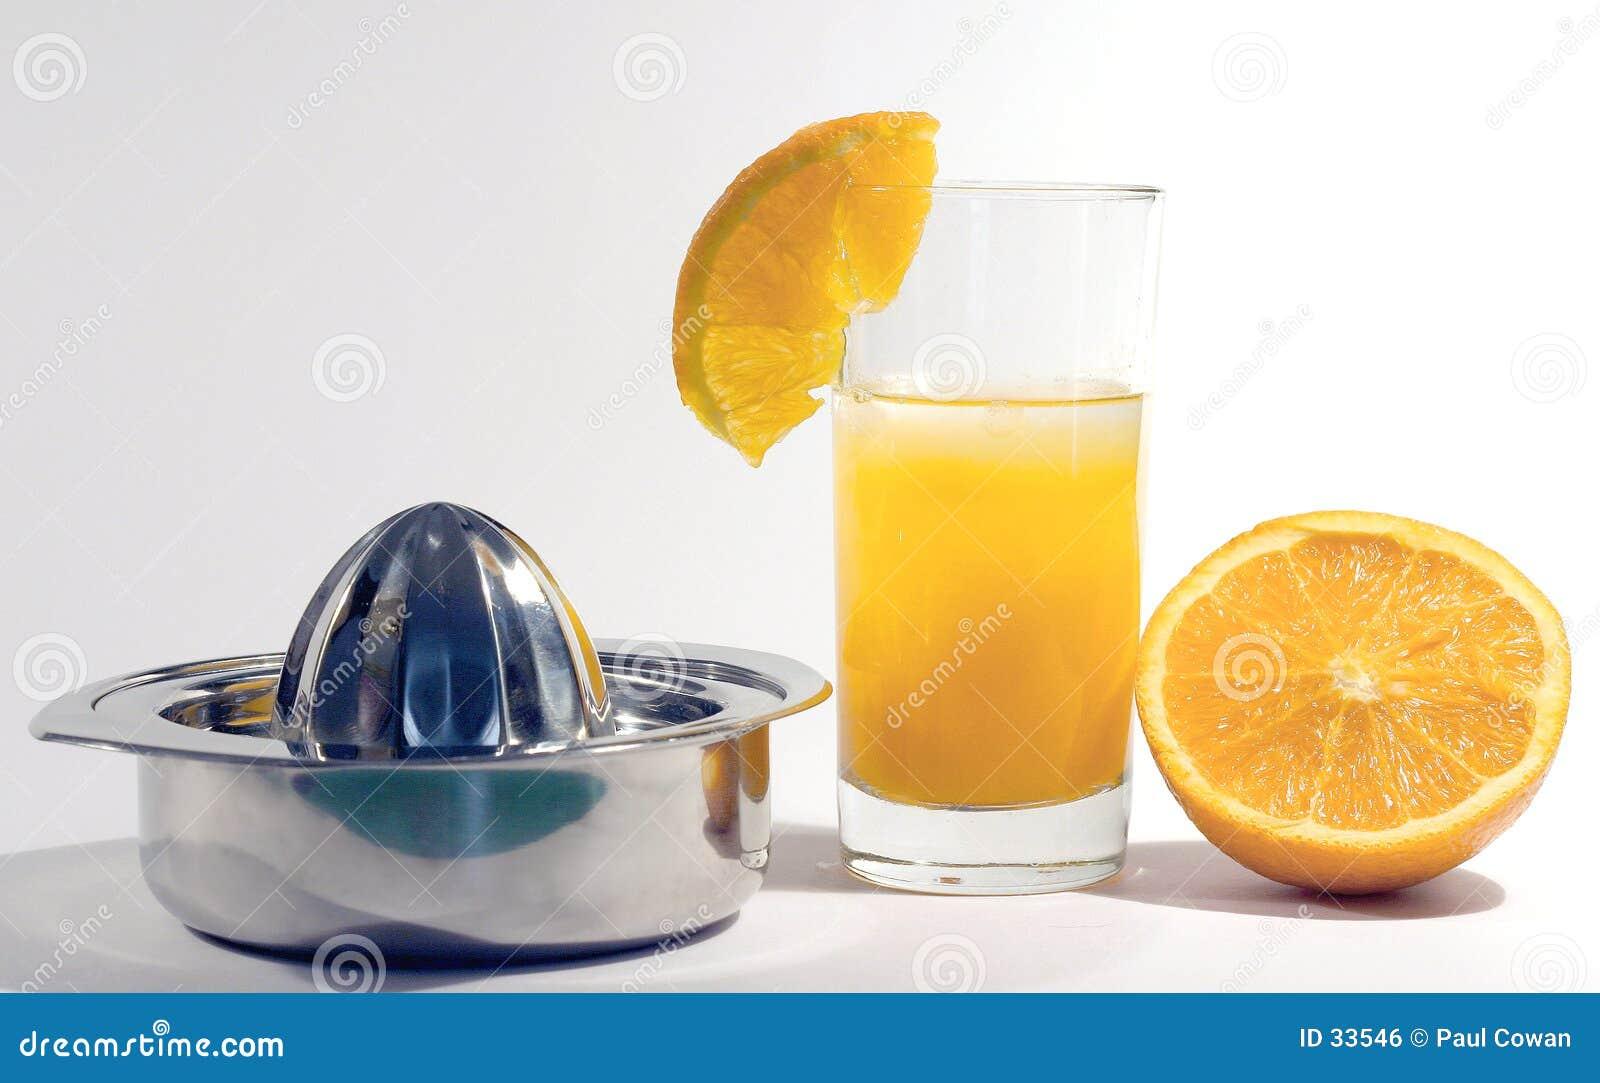 Download Orangensaft stockfoto. Bild von köstlich, frisch, nett, segment - 33546